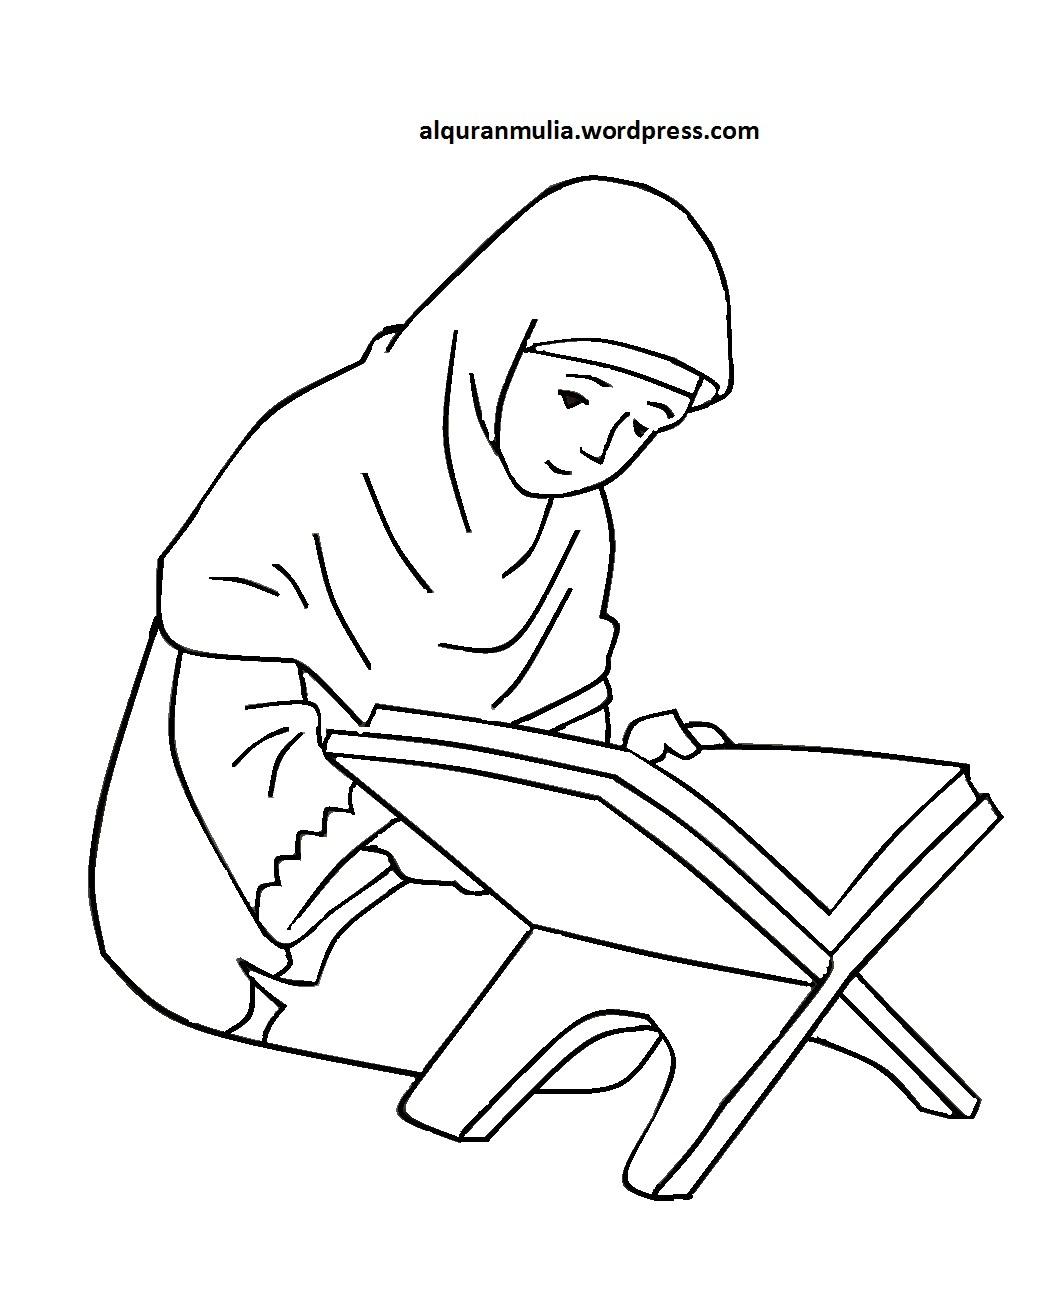 Mewarnai Gambar Kartun Anak Muslimah 85 Berita Investigasi